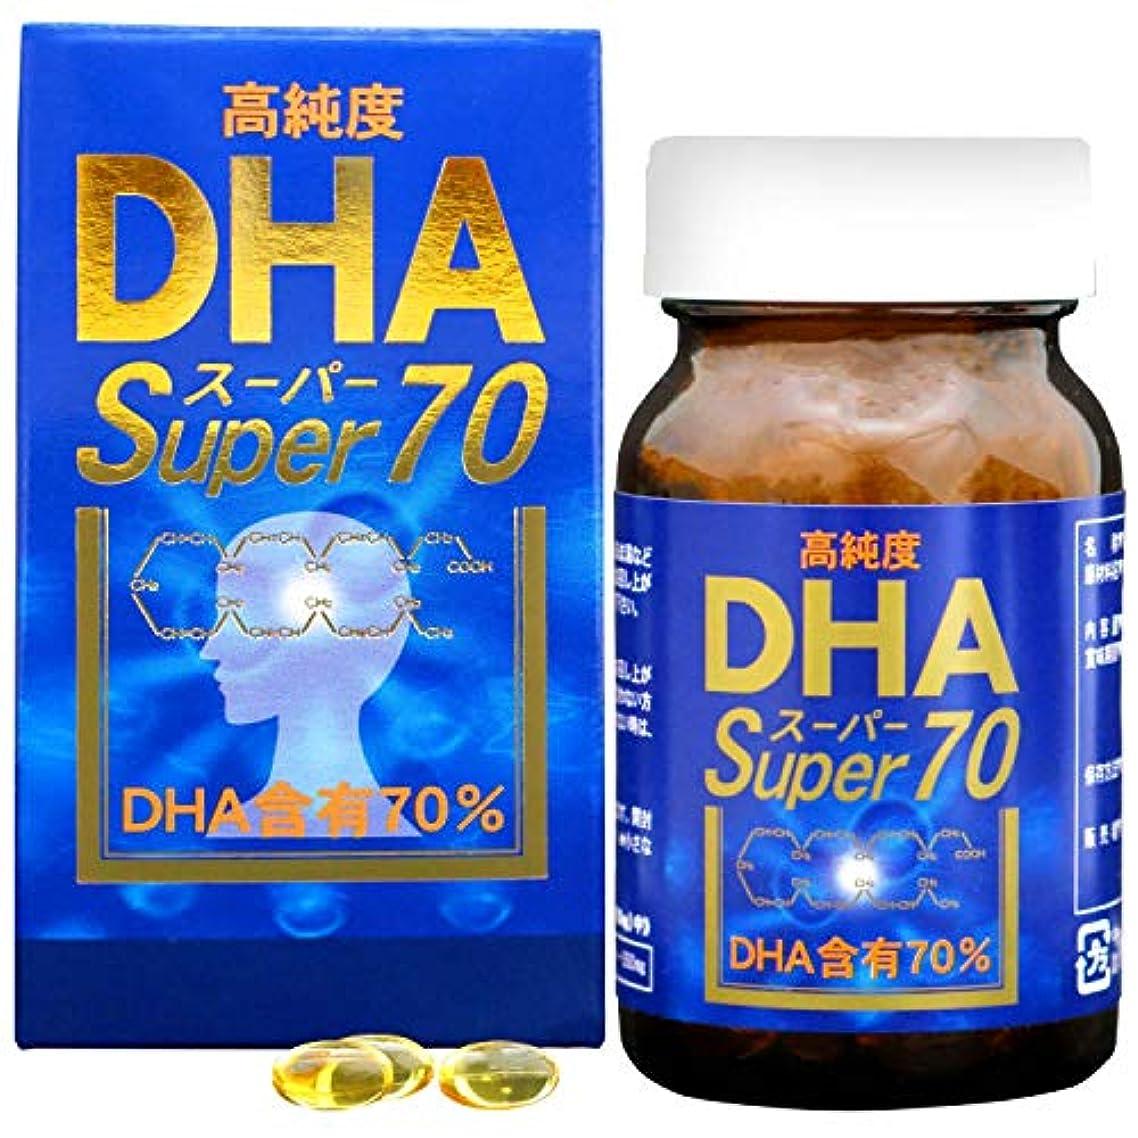 ユウキ製薬 DHAスーパー70 30日分 60球